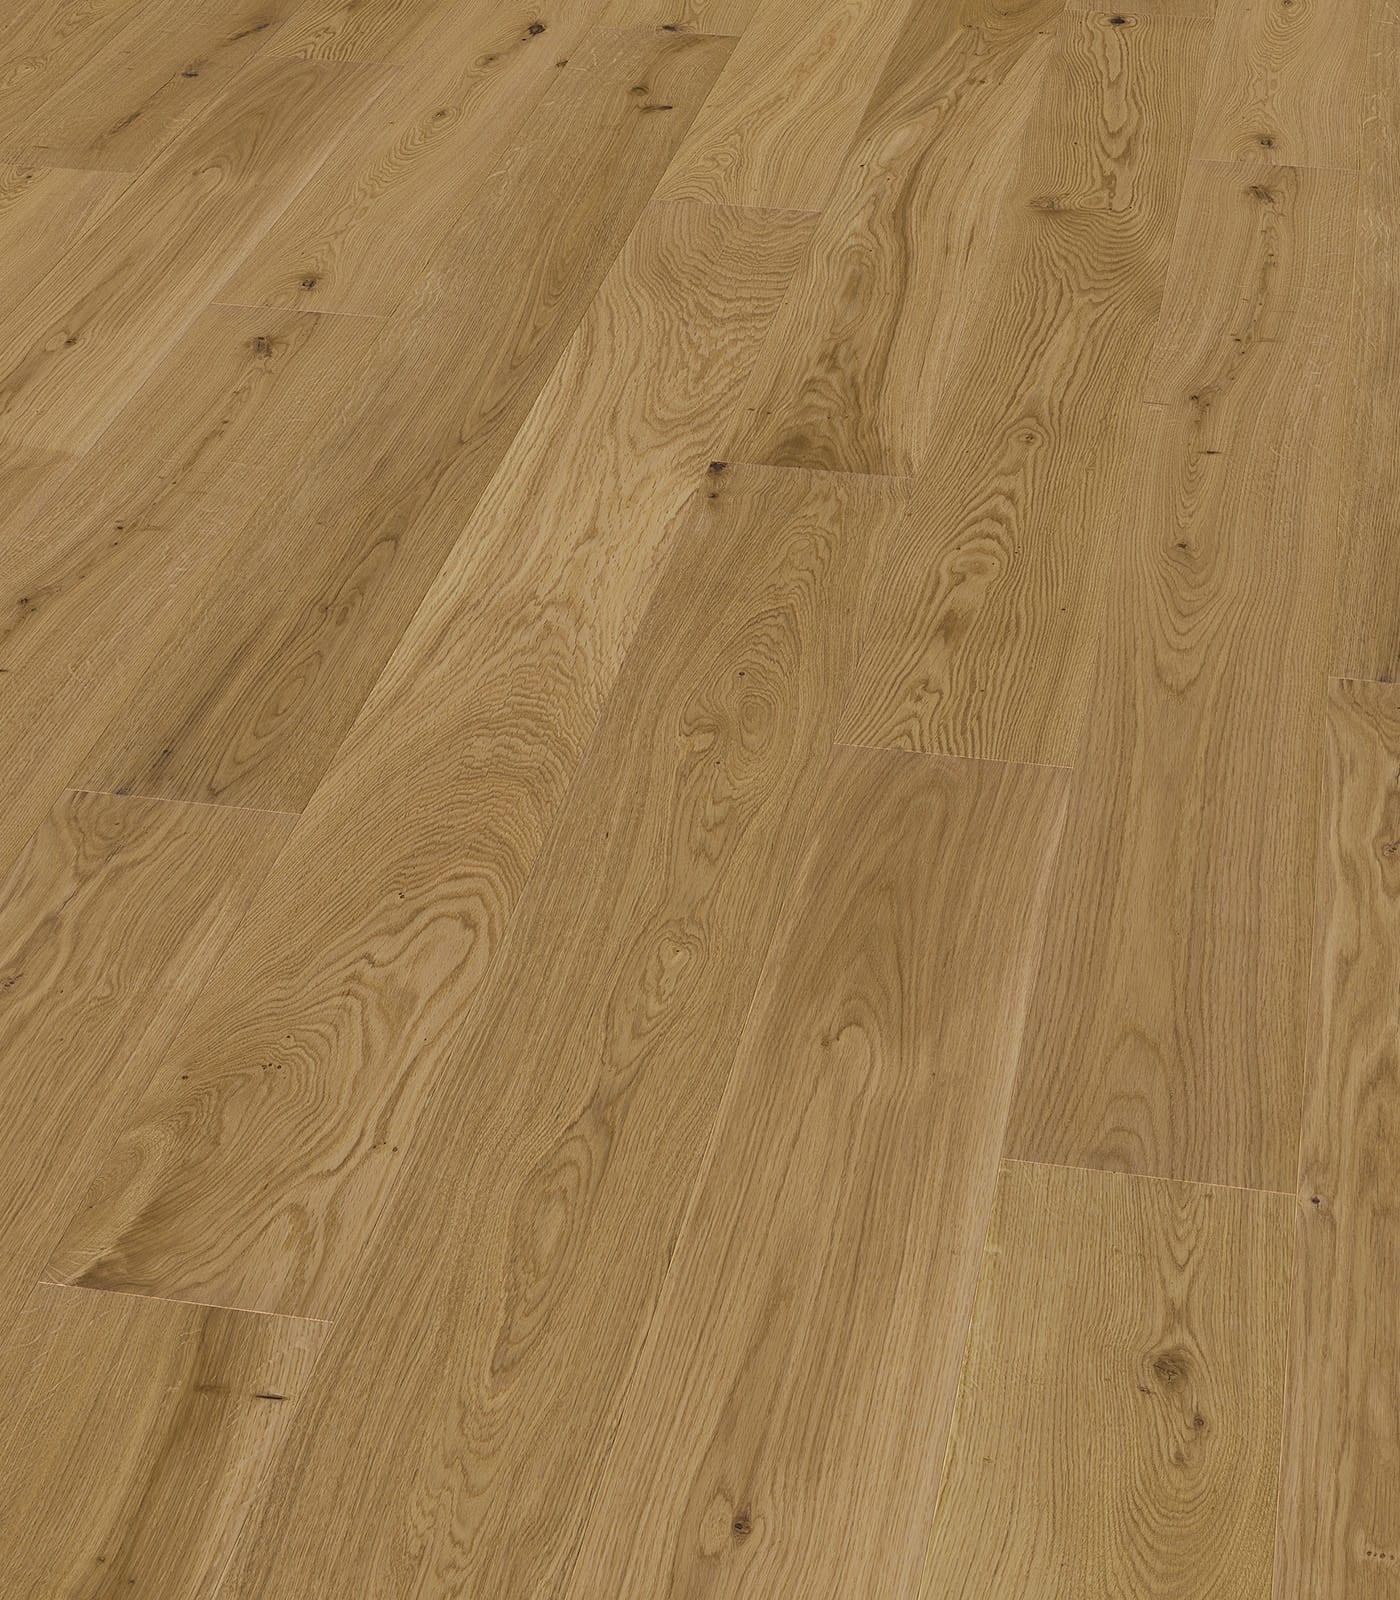 European Oak floors-Origins Collection-angle